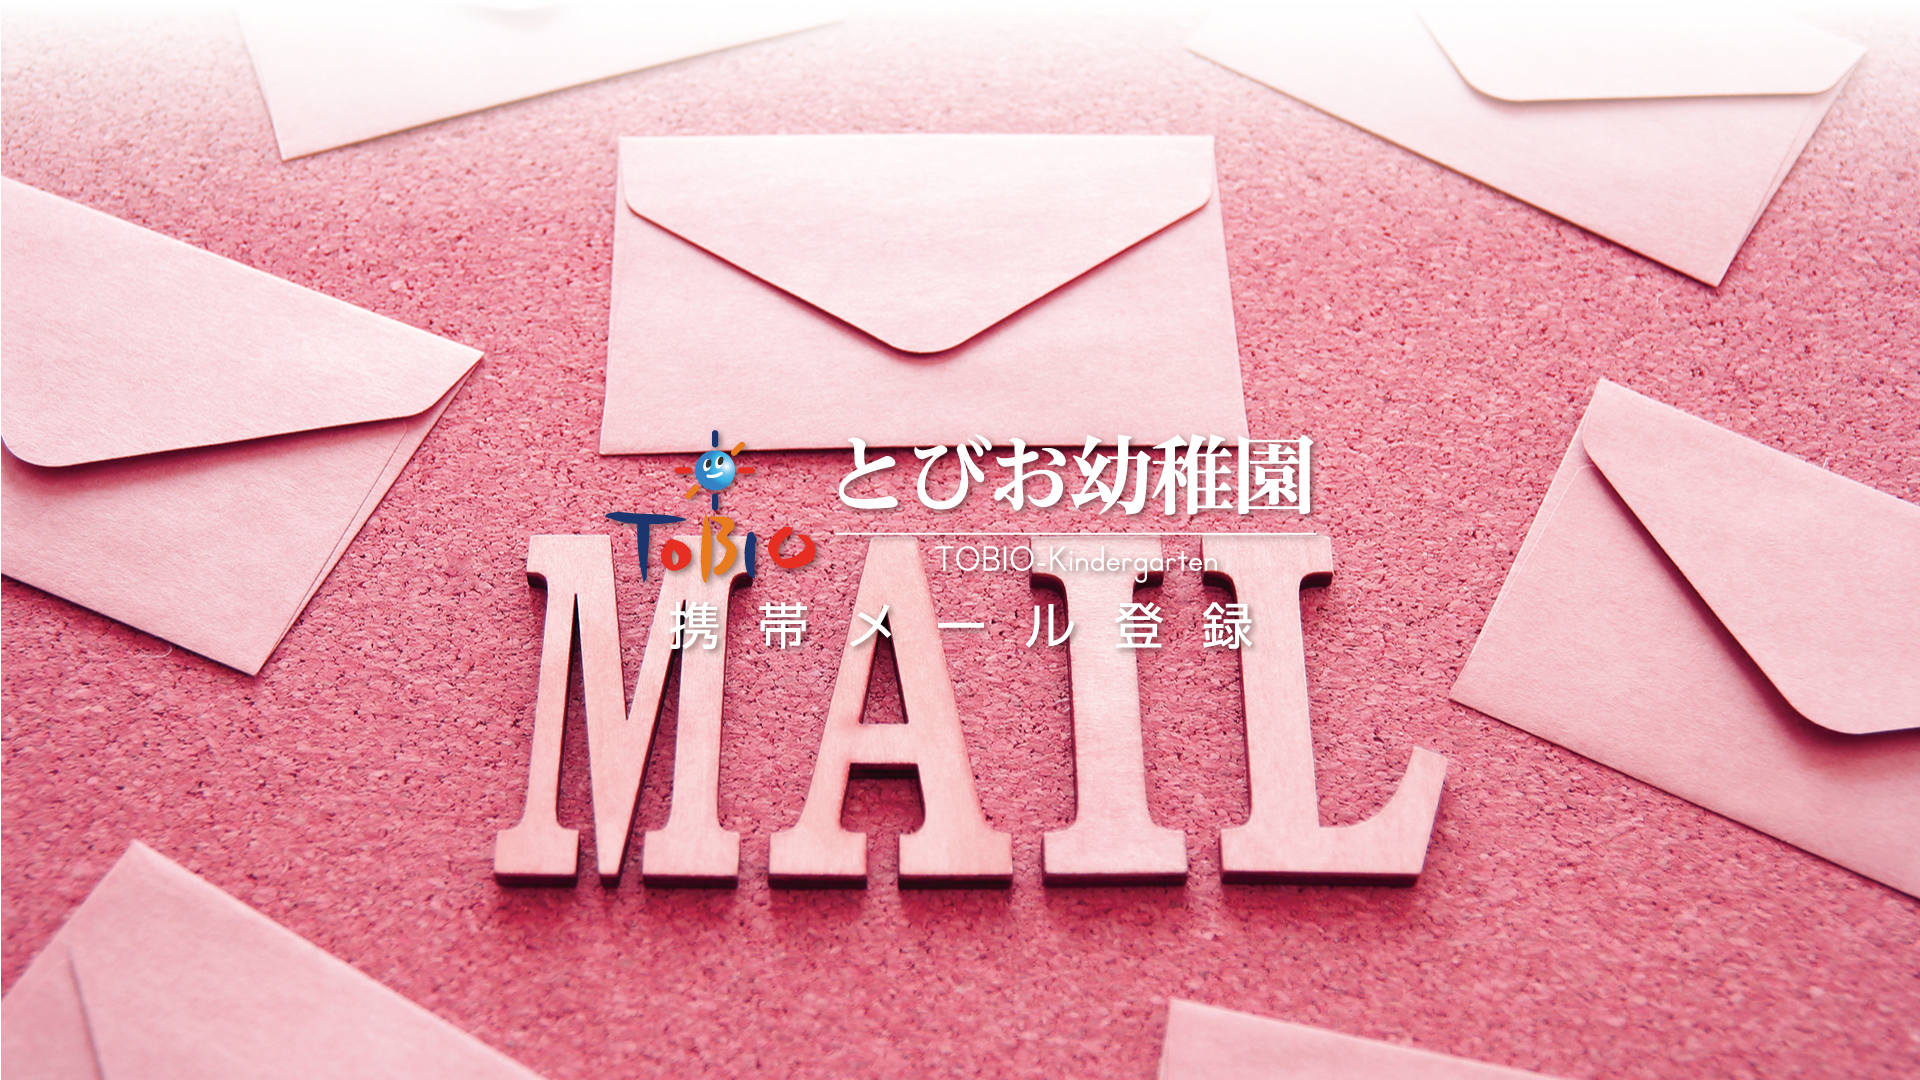 mailtop